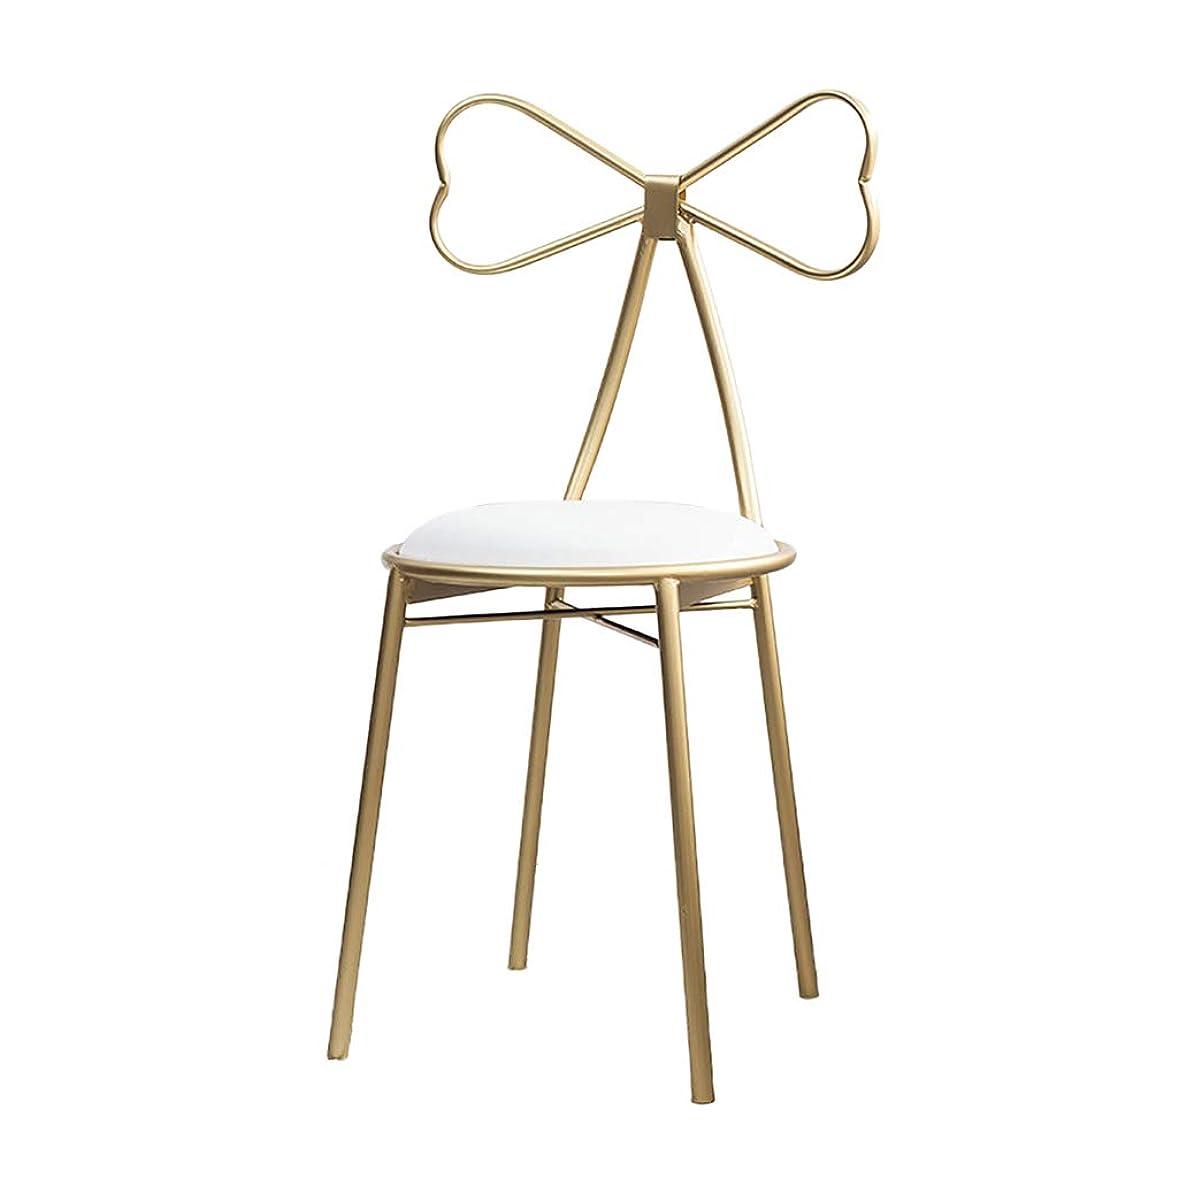 ブルジョンポルティコ発火するドレッシングテーブル化粧椅子クリエイティブPUレザーアームチェア蝶ネクタイダイニングチェアゴールデンアイアンアートドレッシングスツール装飾家具86CM,White pu leather